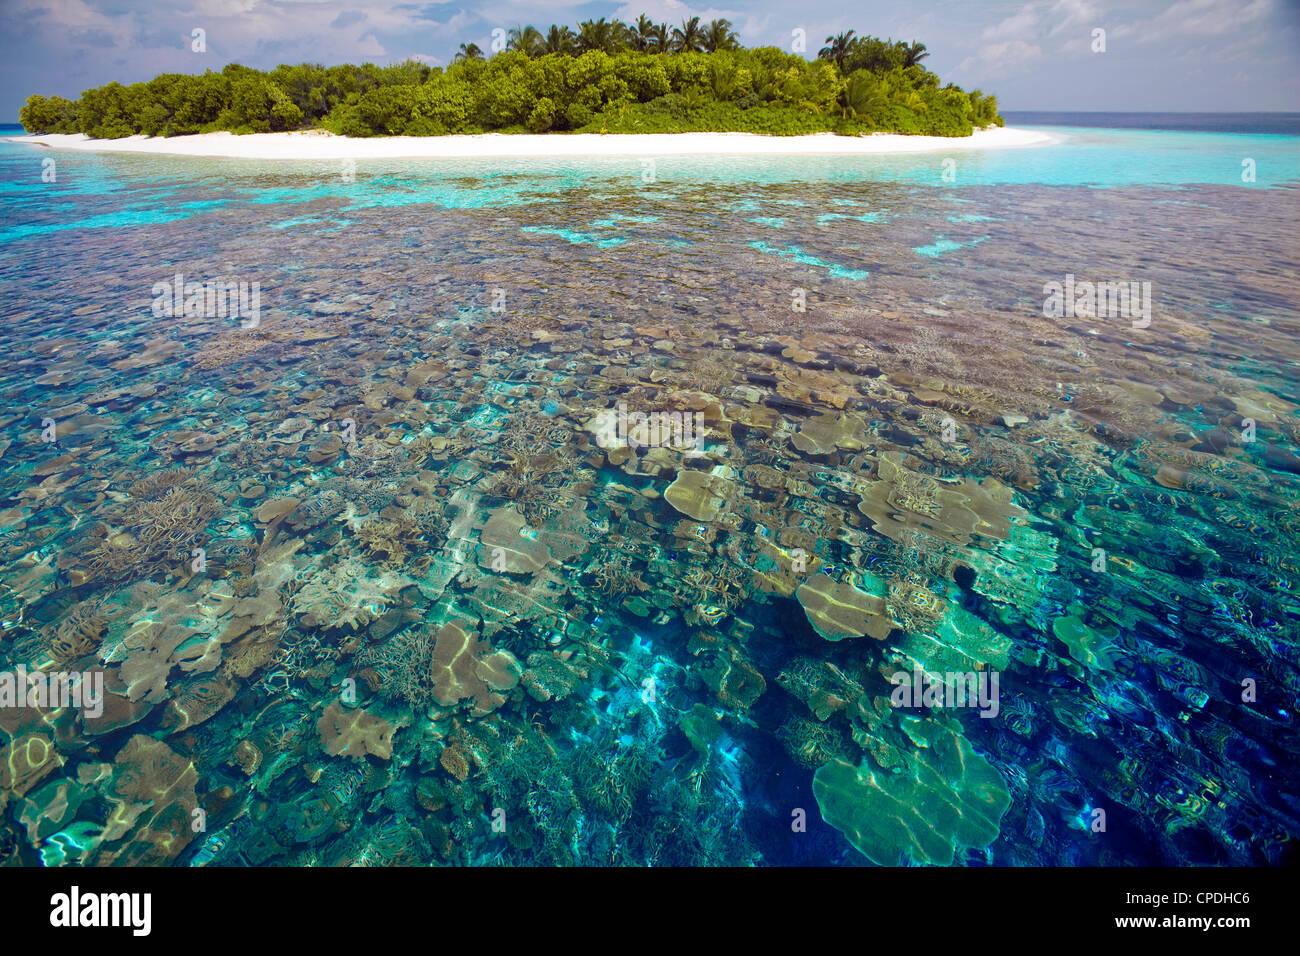 Placas de coral, la laguna y la isla tropical, Maldivas, Océano Índico, Asia Foto de stock